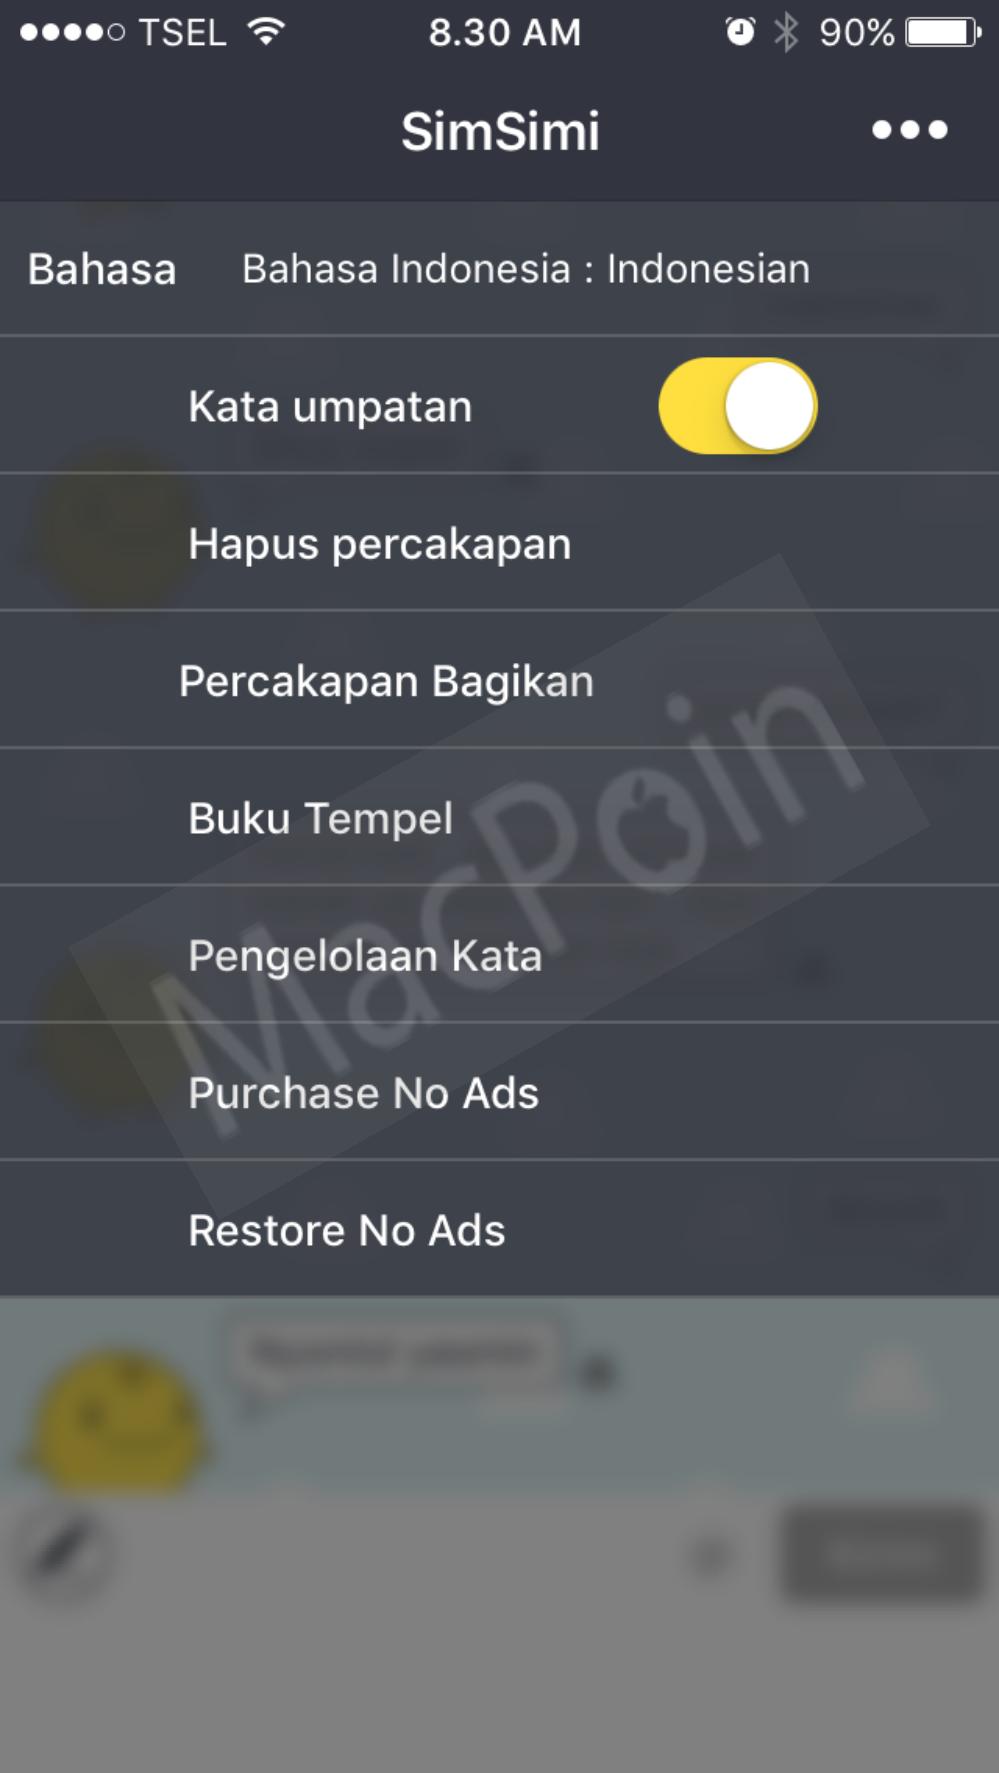 Cara Agar SimSimi Bisa Menggunakan Bahasa Indonesia